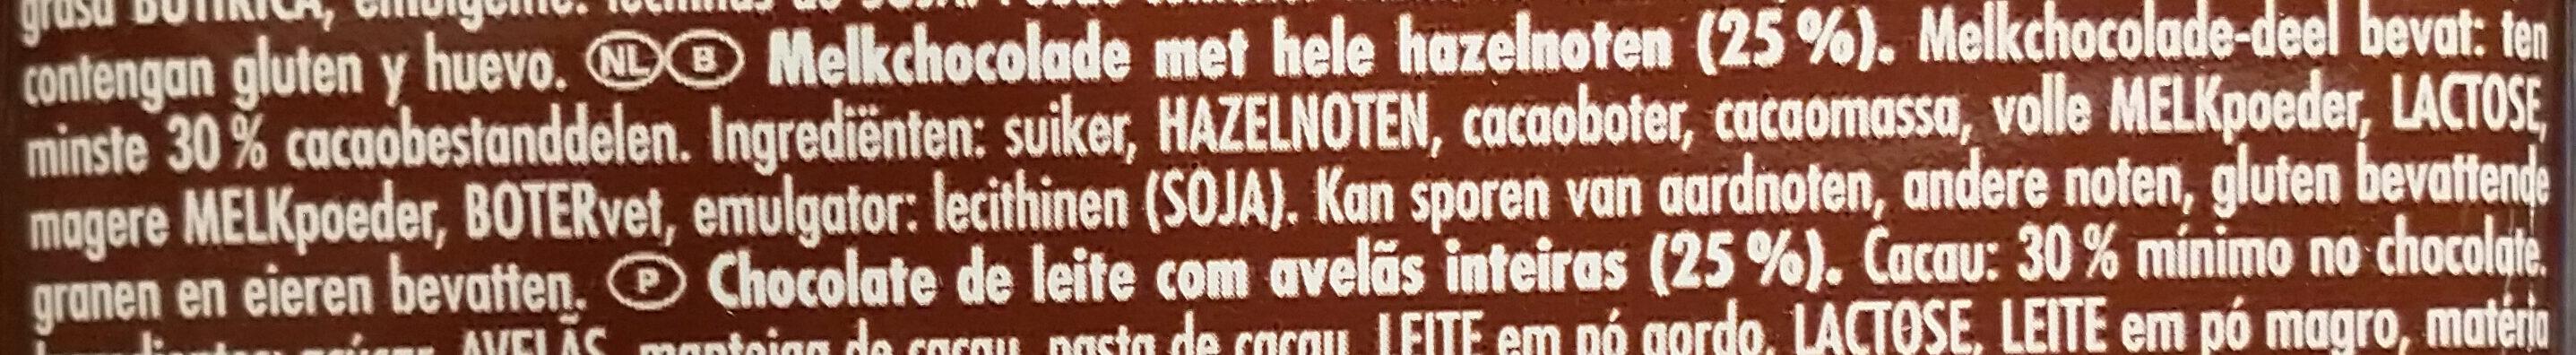 Voll-Nuss - Ingrediënten - nl